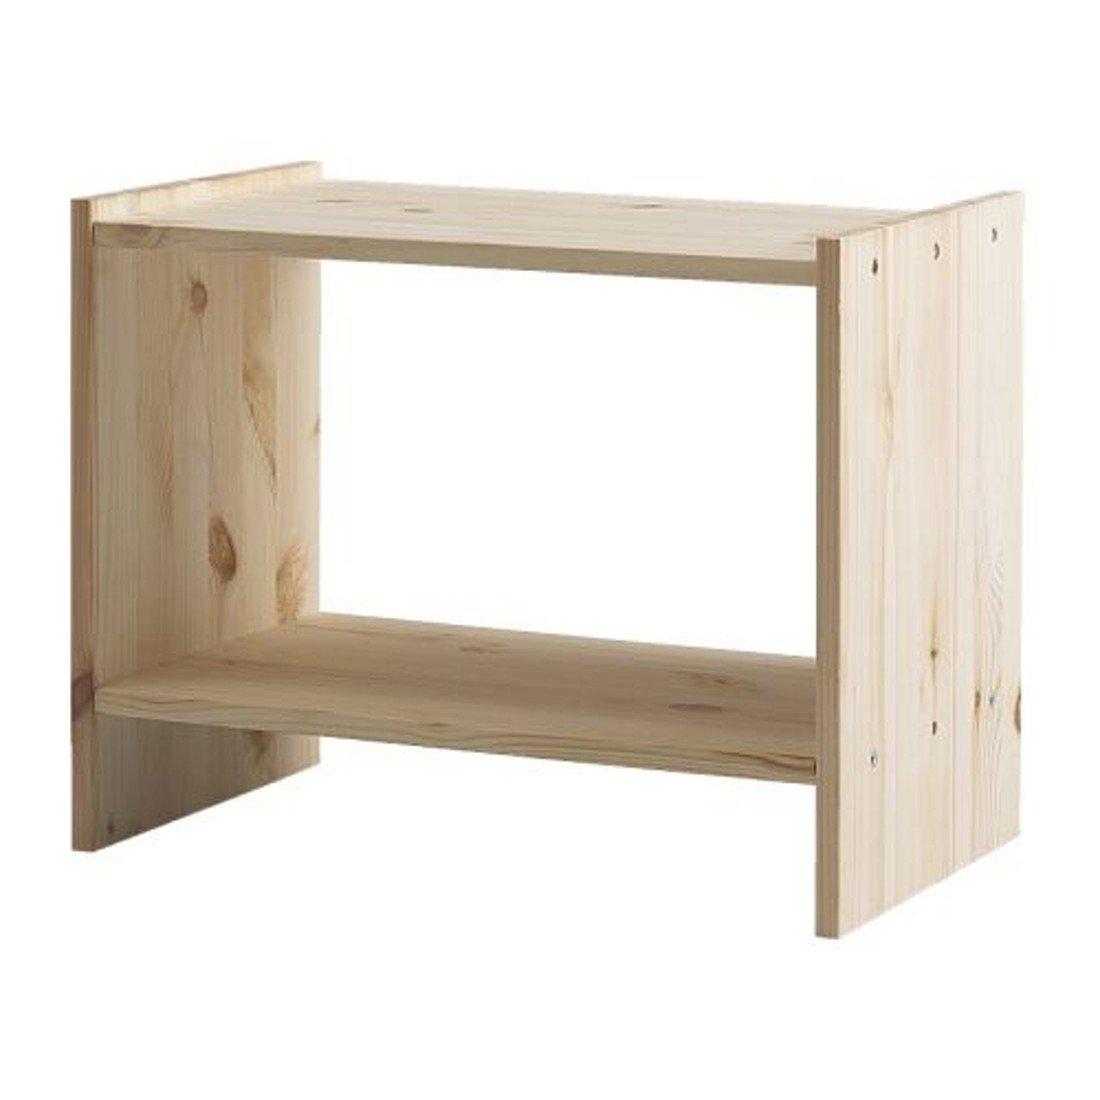 Beistelltisch ikea  IKEA RAST Side Table Pine 52x30 cm Solid Wood Coffee Table/Bedside ...